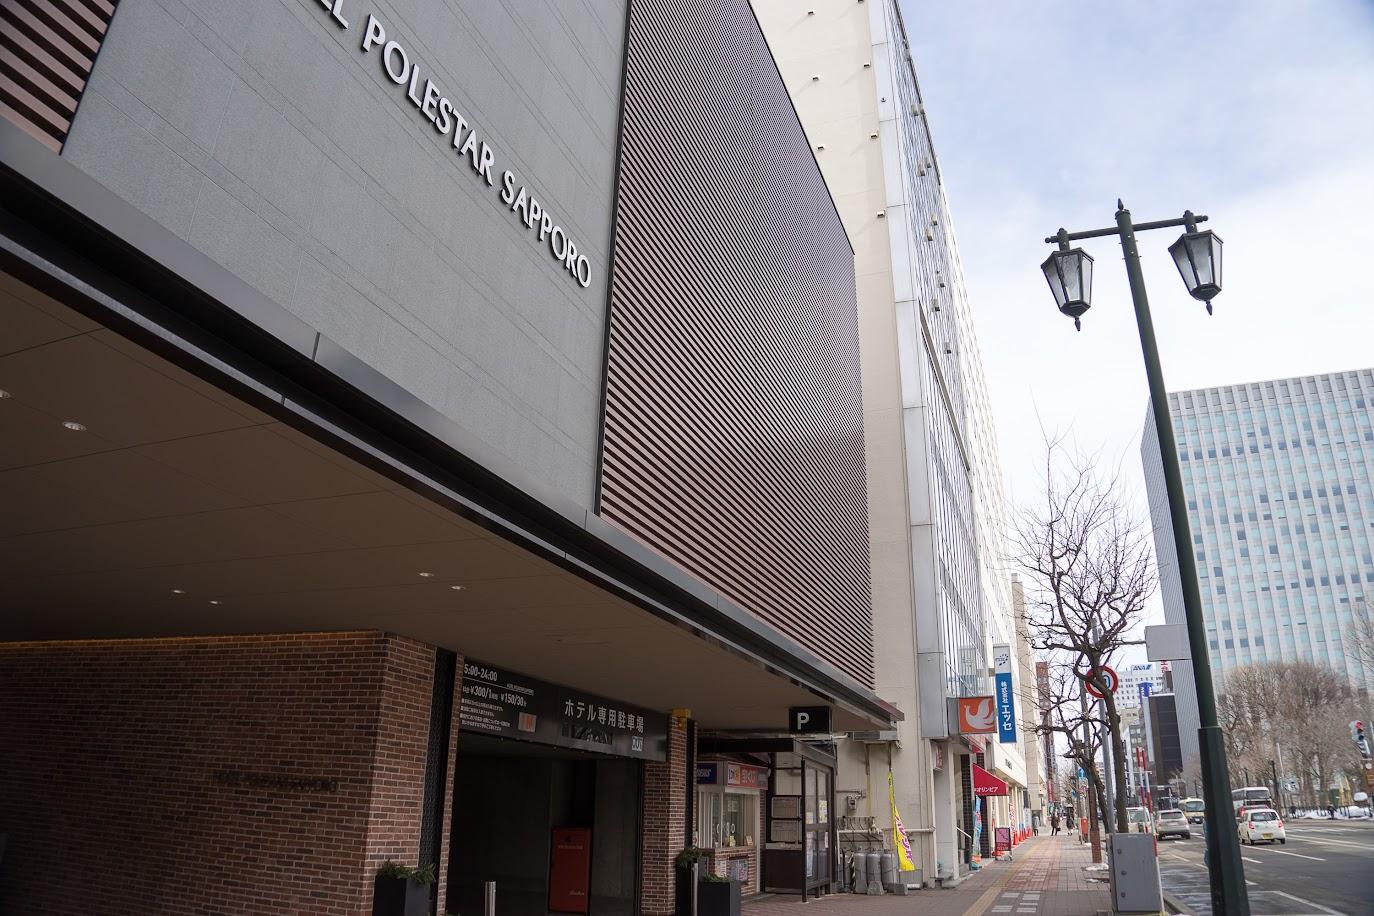 会場となった「ホテル ポールスター 札幌」(札幌市)